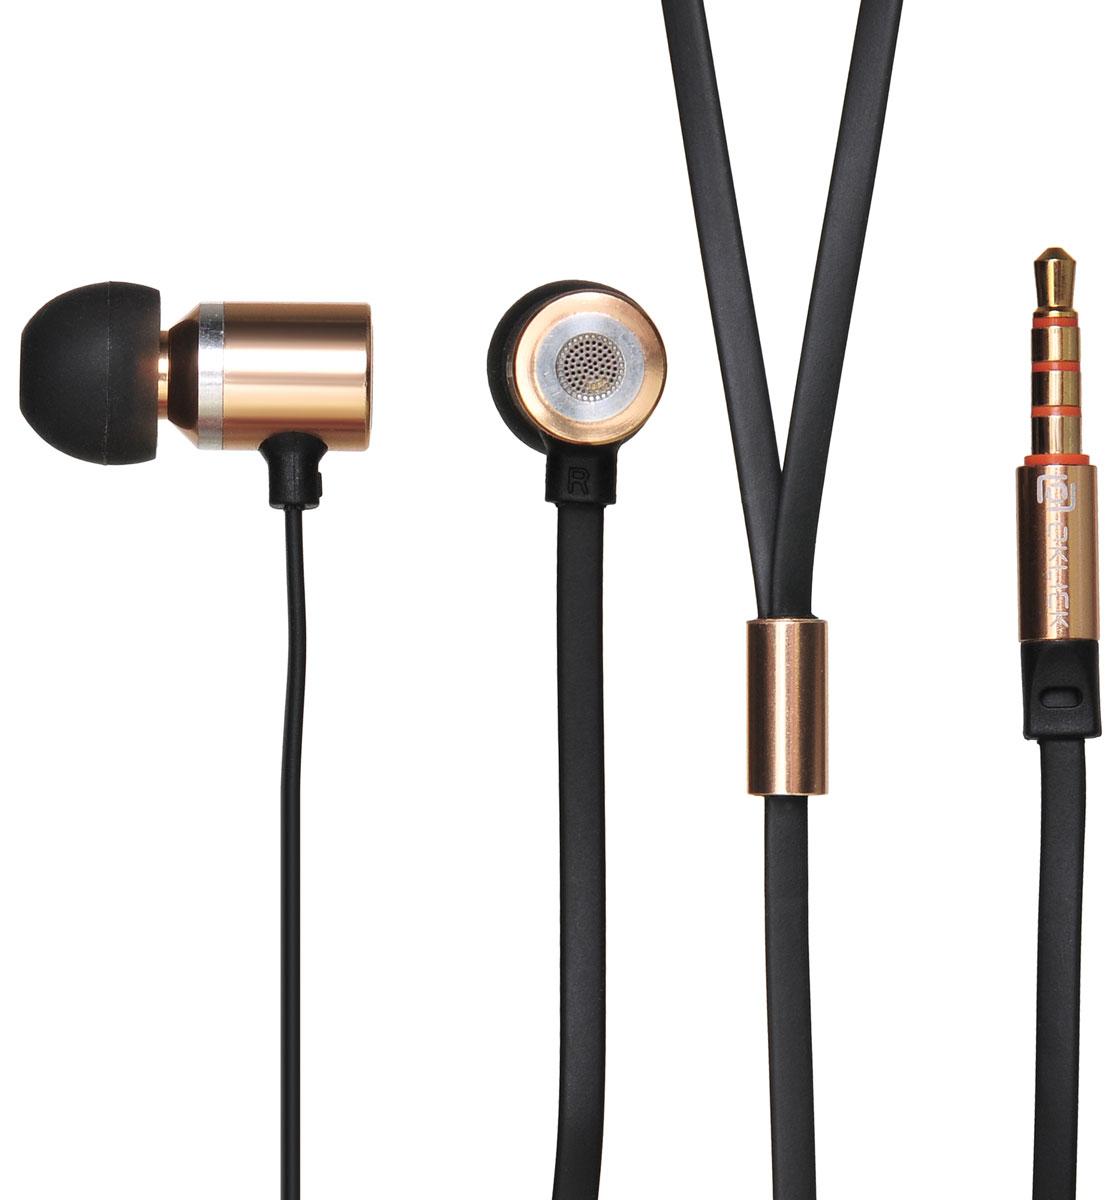 Oklick HS-S-410, Gold наушникиHS-S-410Oklick HP-S-410 - подходящий выбор для тех, кто не может представить свою жизнь без любимой музыки отменного качества, звучащей в ушах в пути, во время занятий спортом и любое другое удобное время.Наушники плотно и надежно фиксируются в ушной раковине благодаря специальной форме амбушюр, что выгодно отличает ее от других проводных моделей. Легковесная конструкция делает ношение этого устройства невероятно комфортным.Акустические характеристики гарнитуры Oklick HP-S-410 обеспечивают естественное звучание на средних частотах и четкую детализацию звуков при прослушивании музыки и аудиокниг.